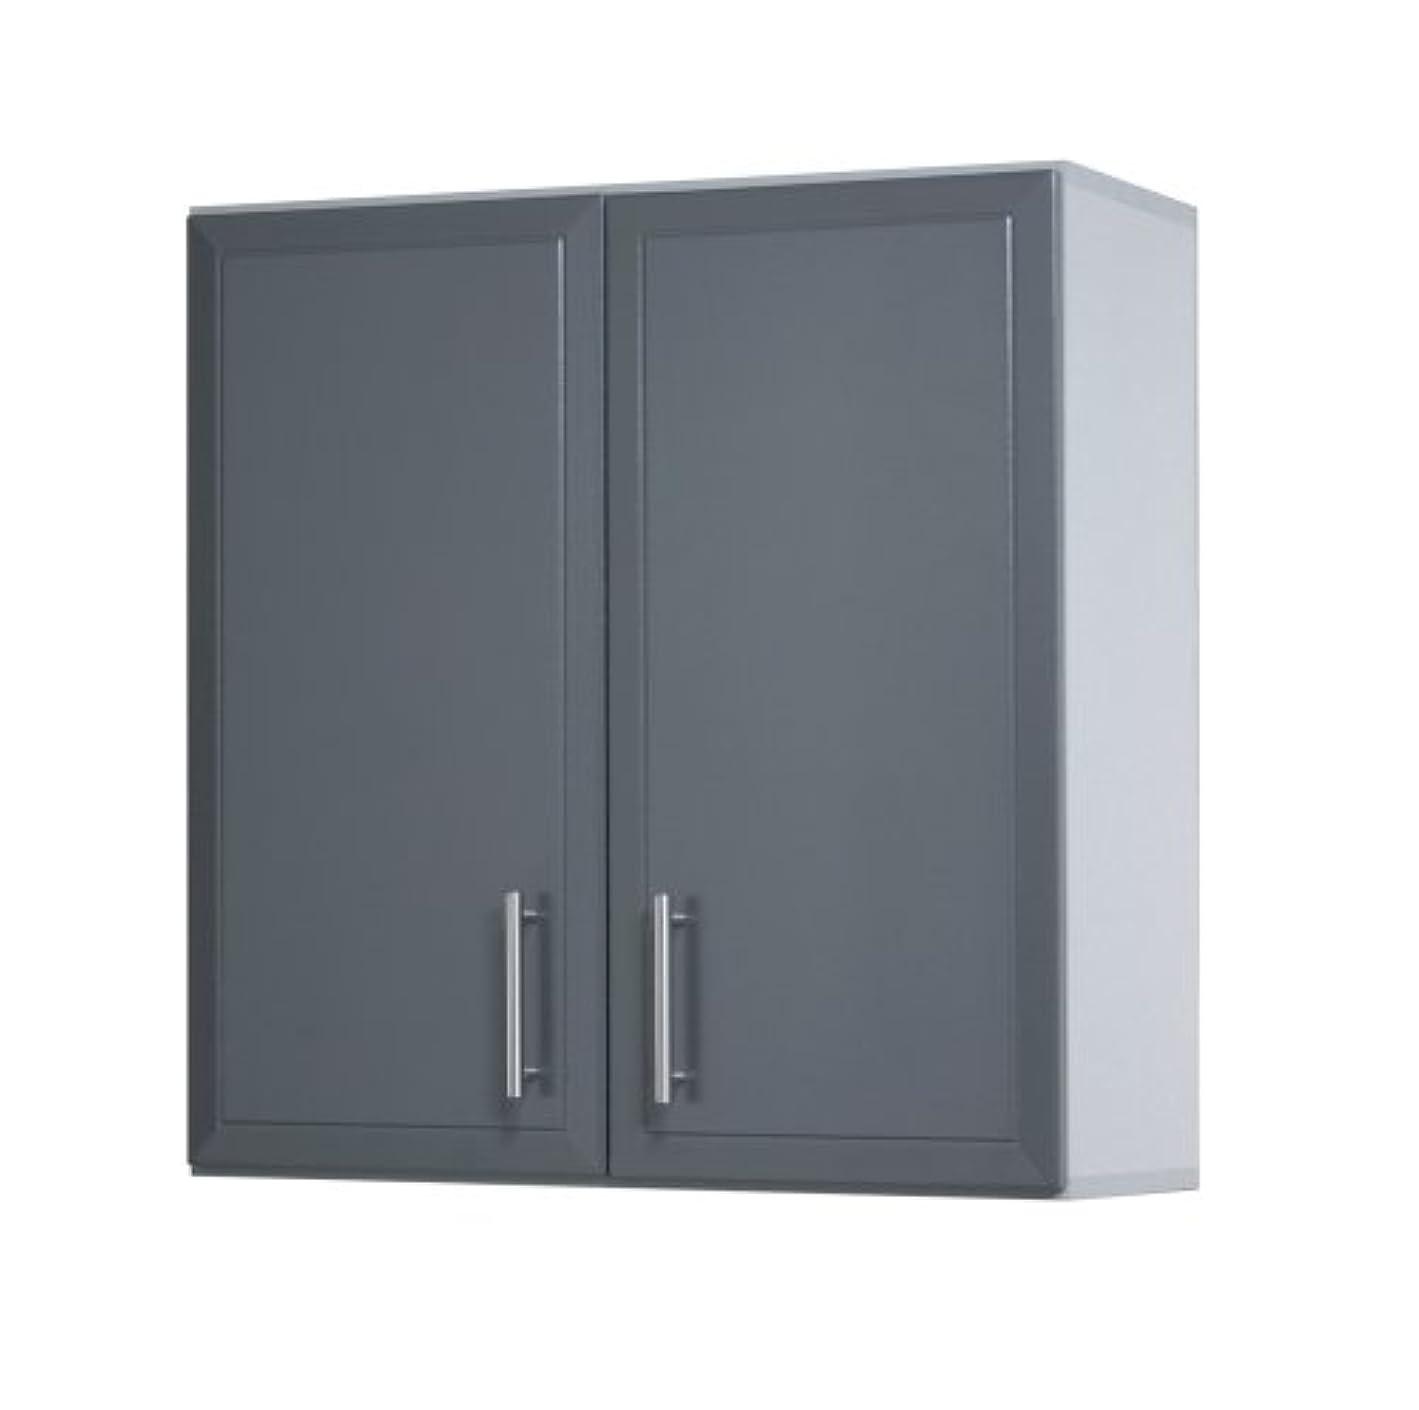 (クローズドメイド) ClosetMaid プロガレージ 2枚扉 壁キャビネット 12406